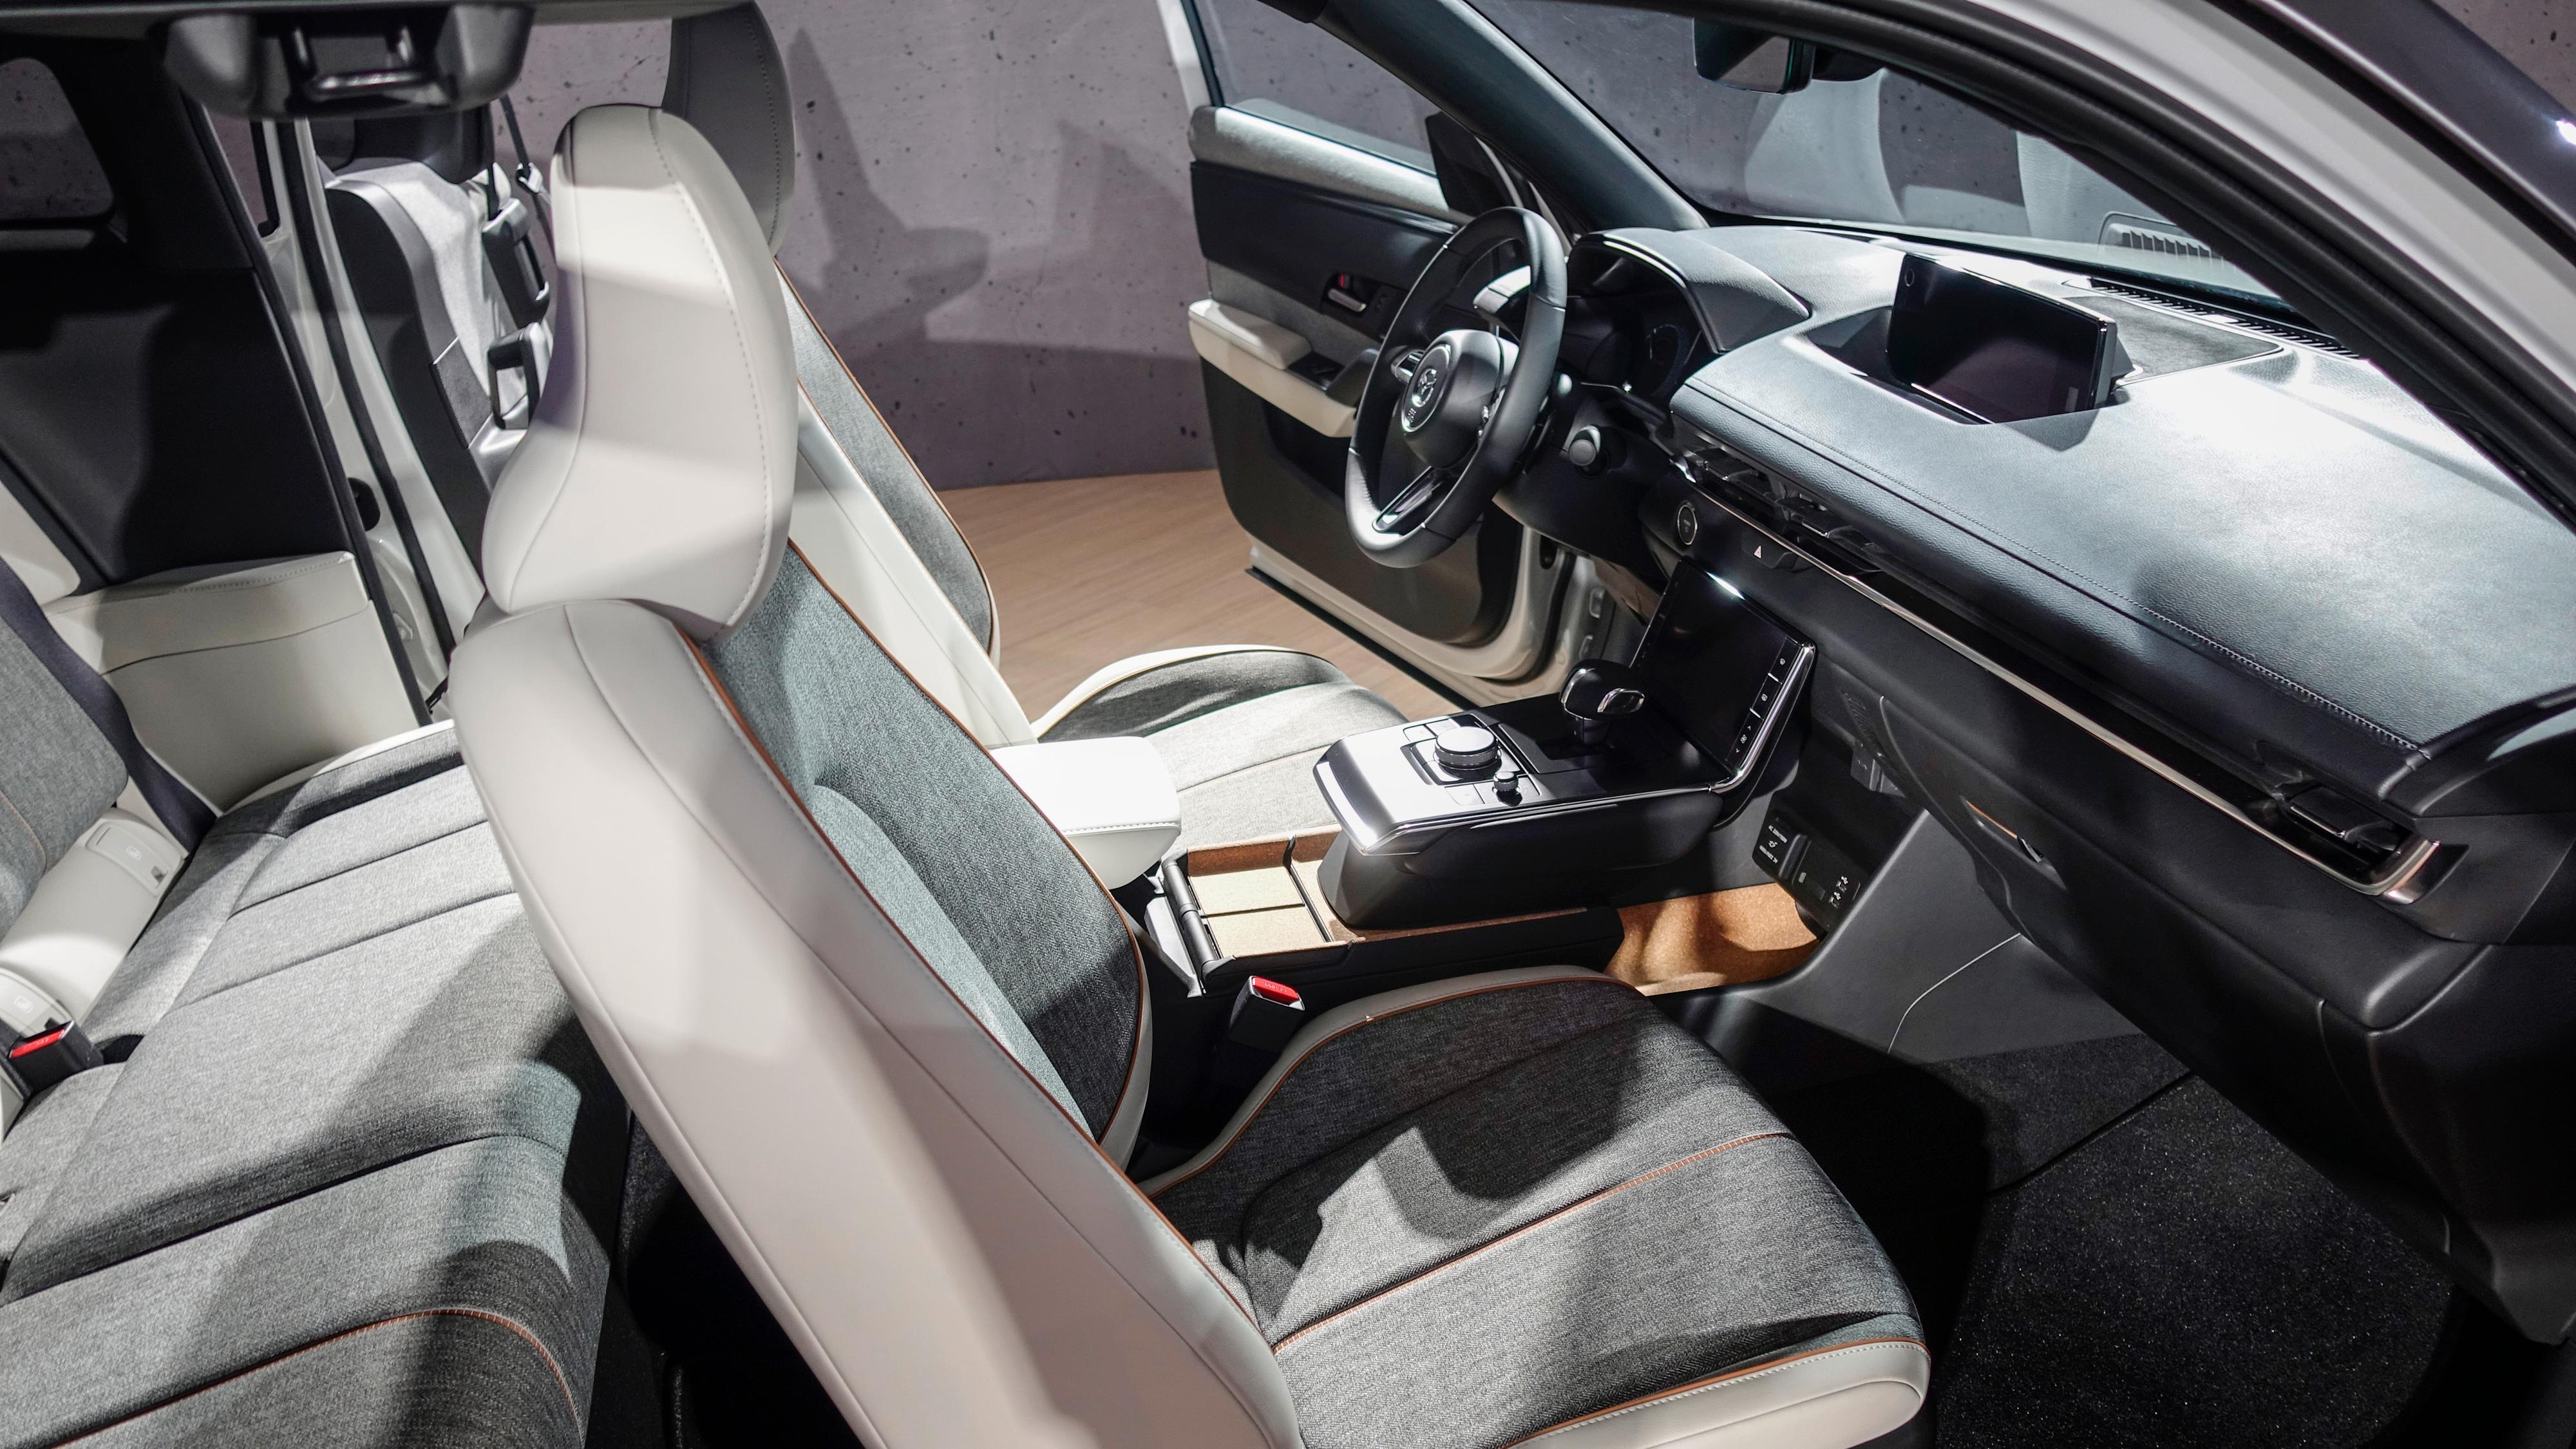 Innvendig har Mazda valgt en rekke bærekraftige materialer. Bruken av kork peker tilbake på Mazdas historie som korkprodusent, og innvendig er dørene kledt i et materiale laget av resirkulerte plastflasker. Setene kommer i en syntetisk skinnvariant.